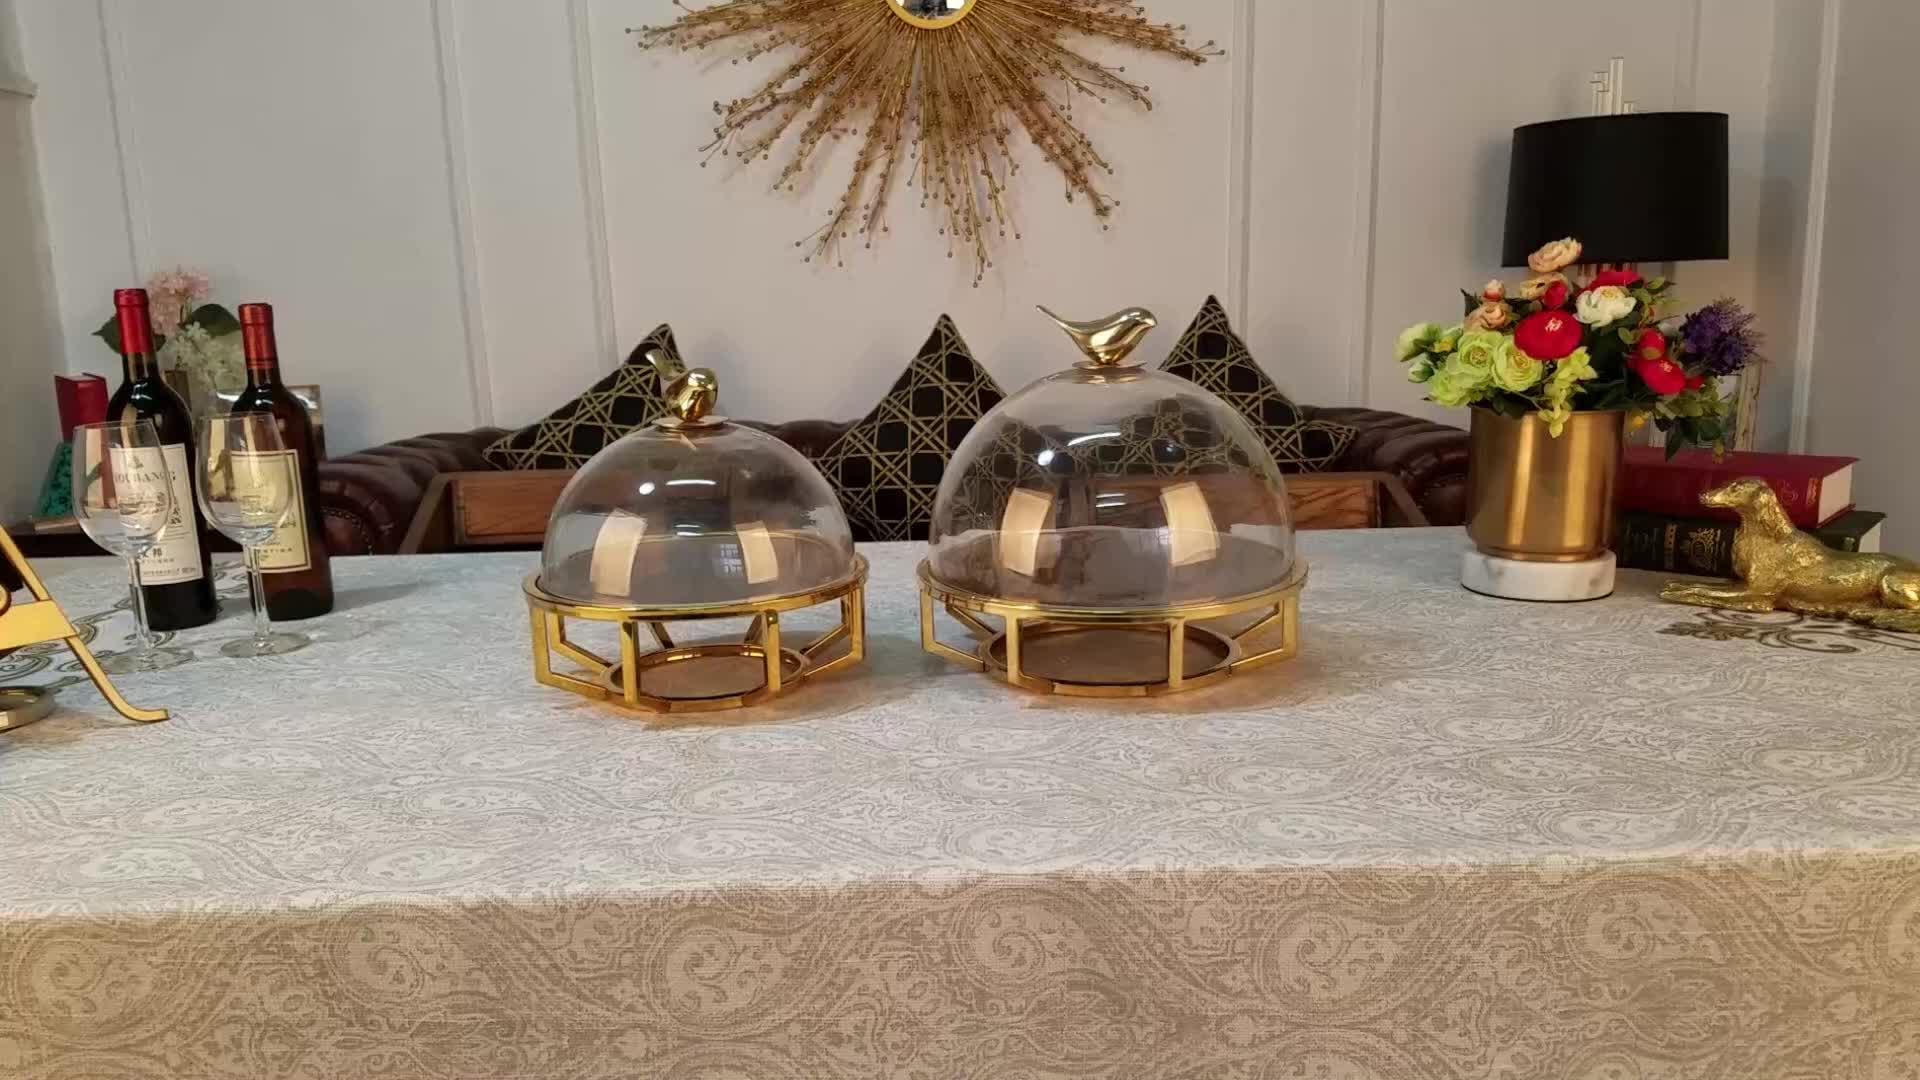 زهريات ديكور زجاجية للمنزل منضدة حديثة تحف الزفاف ديكور المزهريات كعكة الحلوى عرض موقف